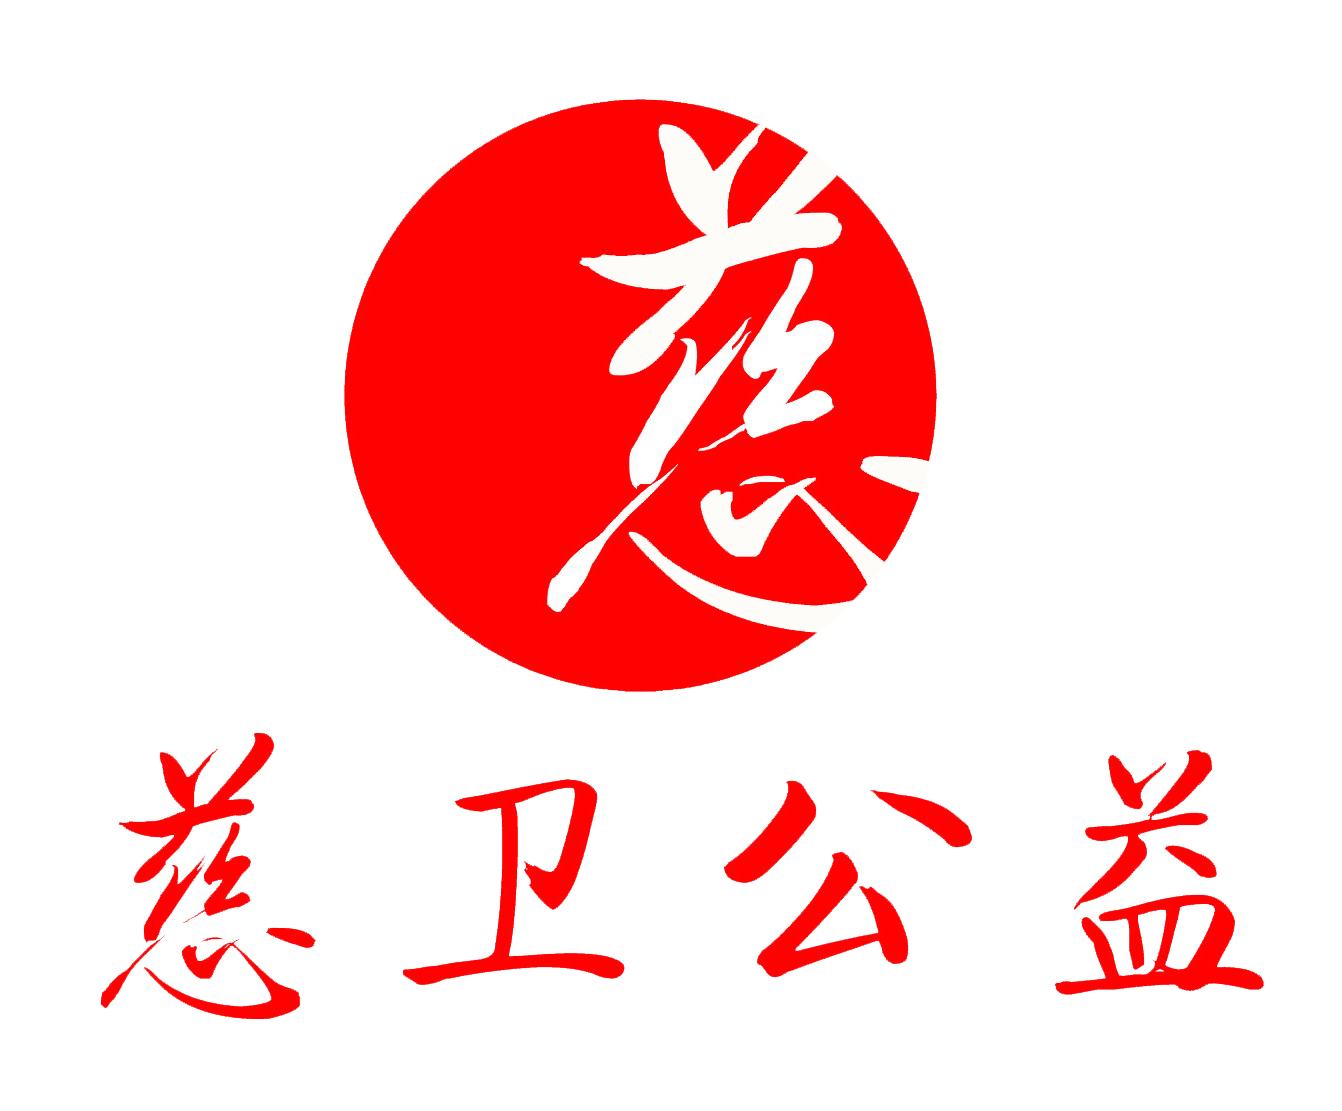 深圳市慈卫公益事业发展中心官网